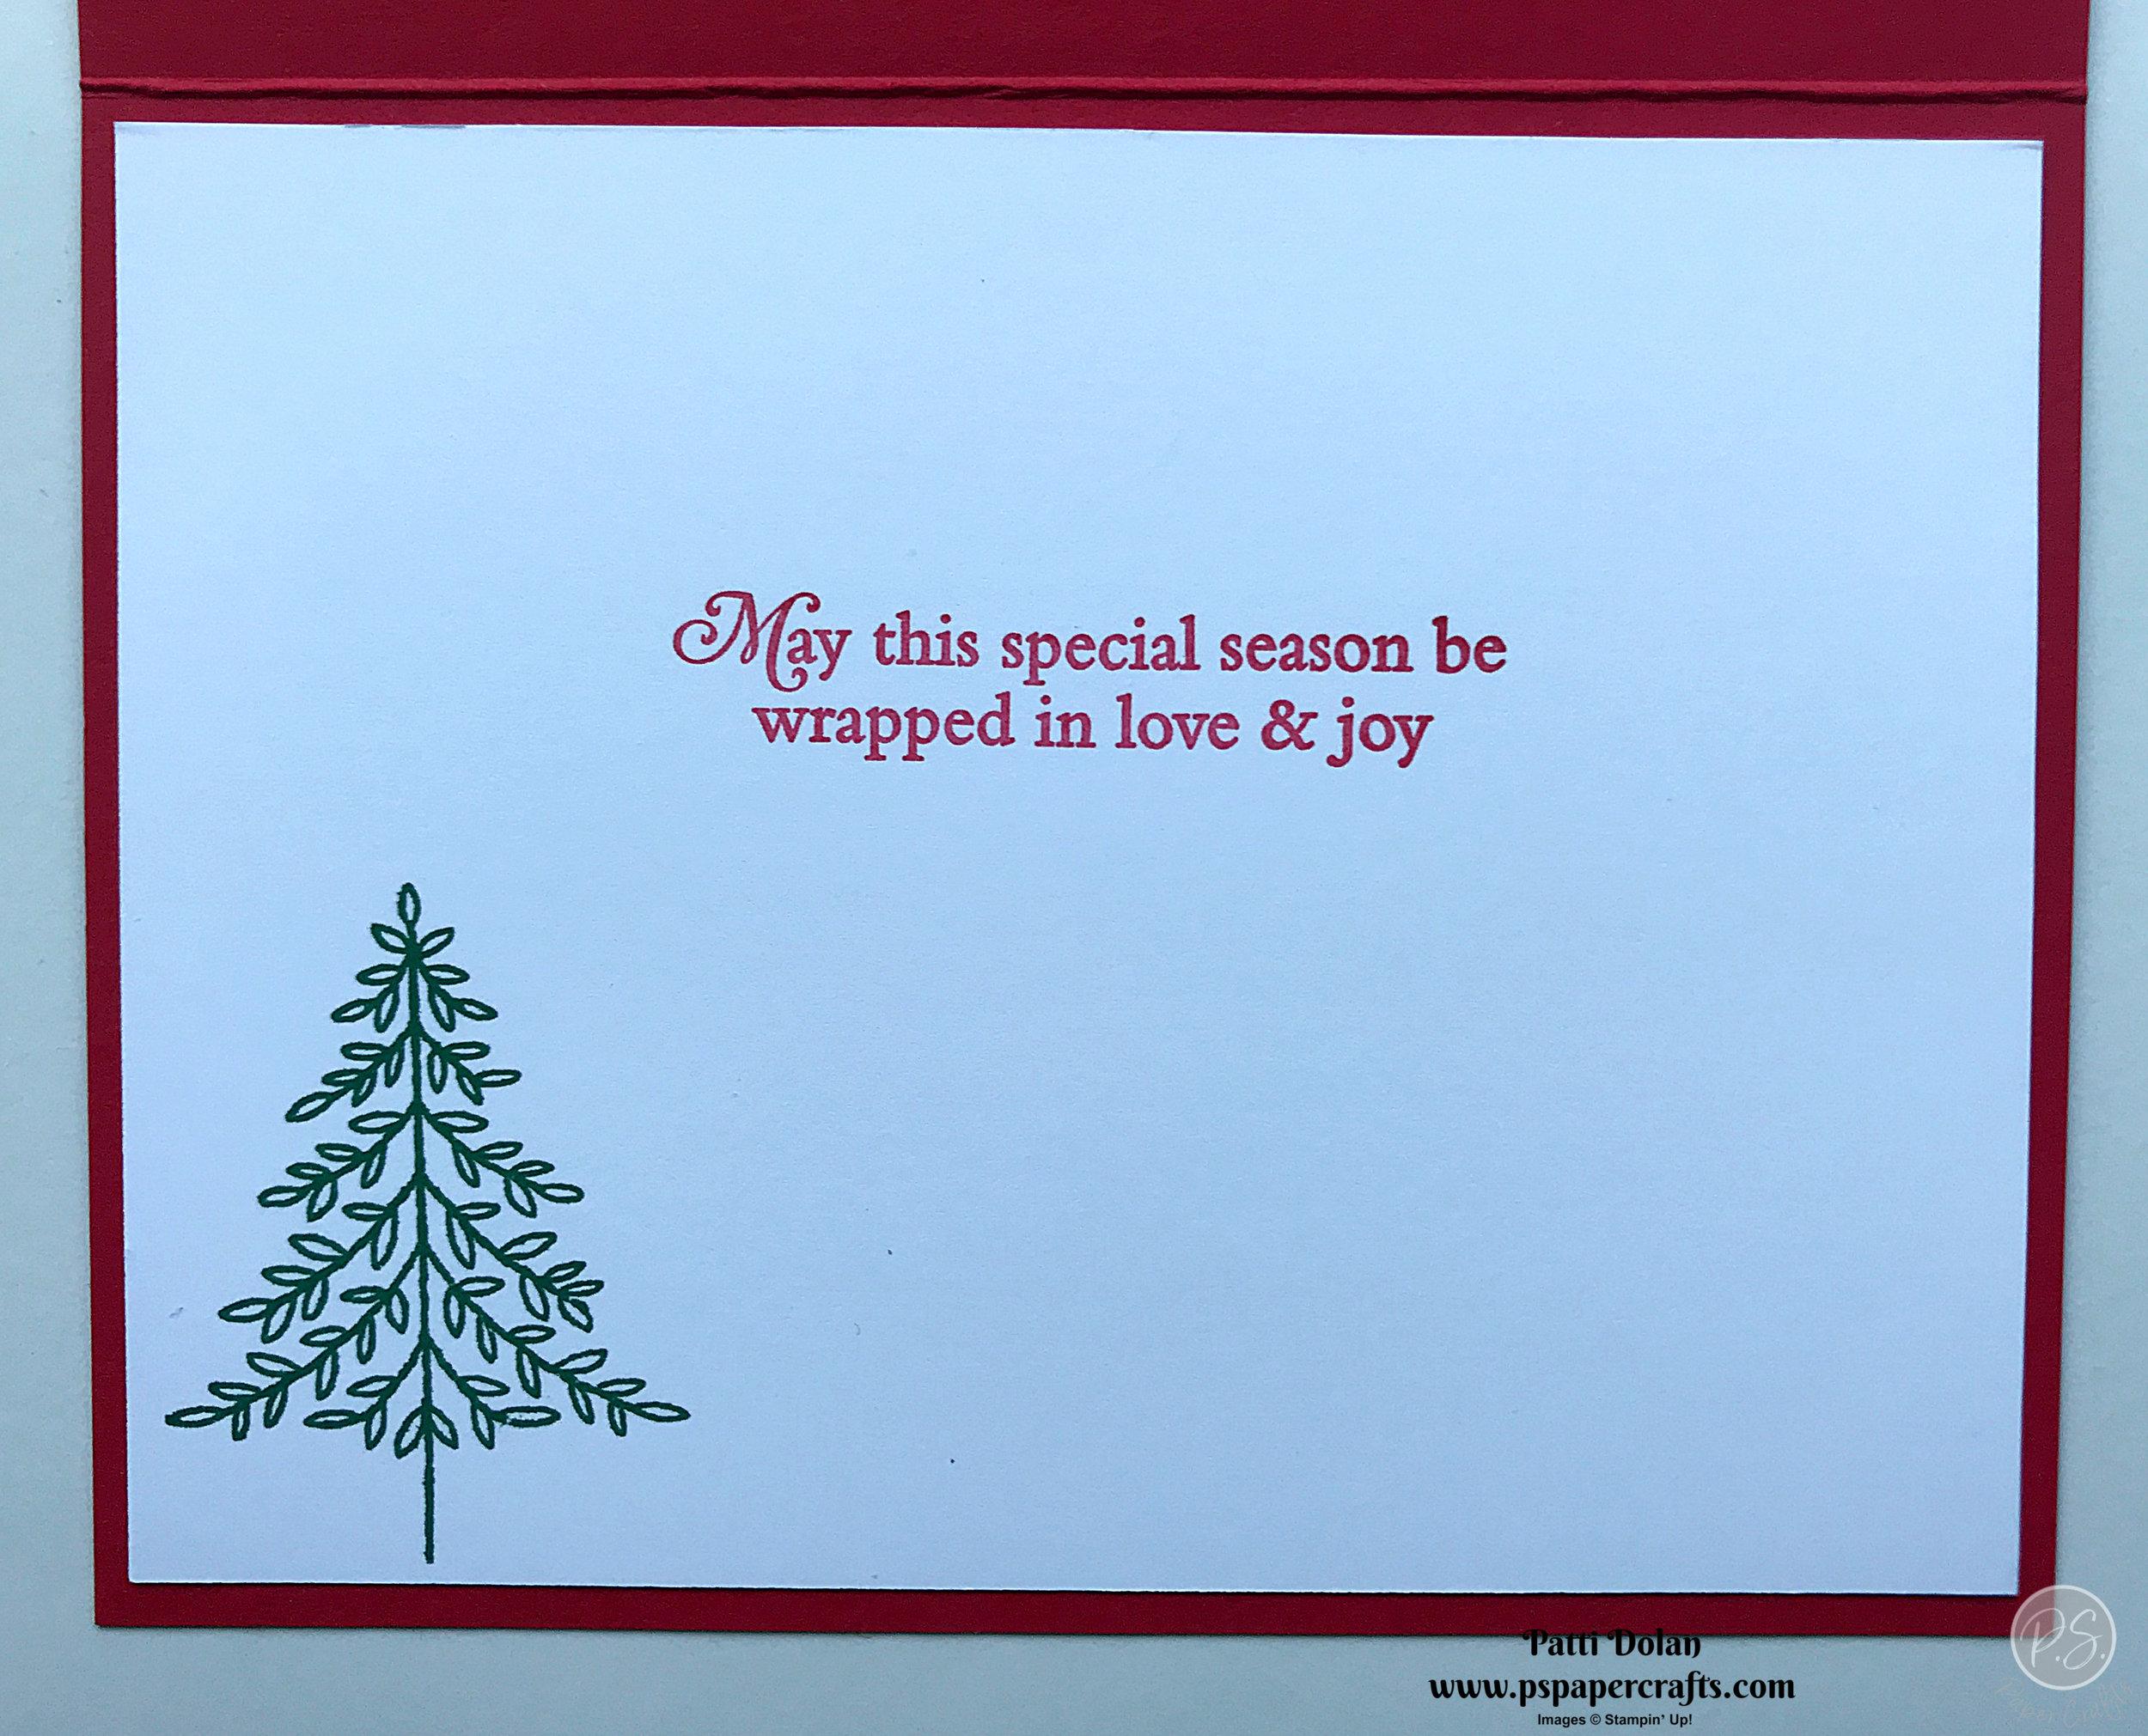 Merry Christmas Build A Card inside.jpg